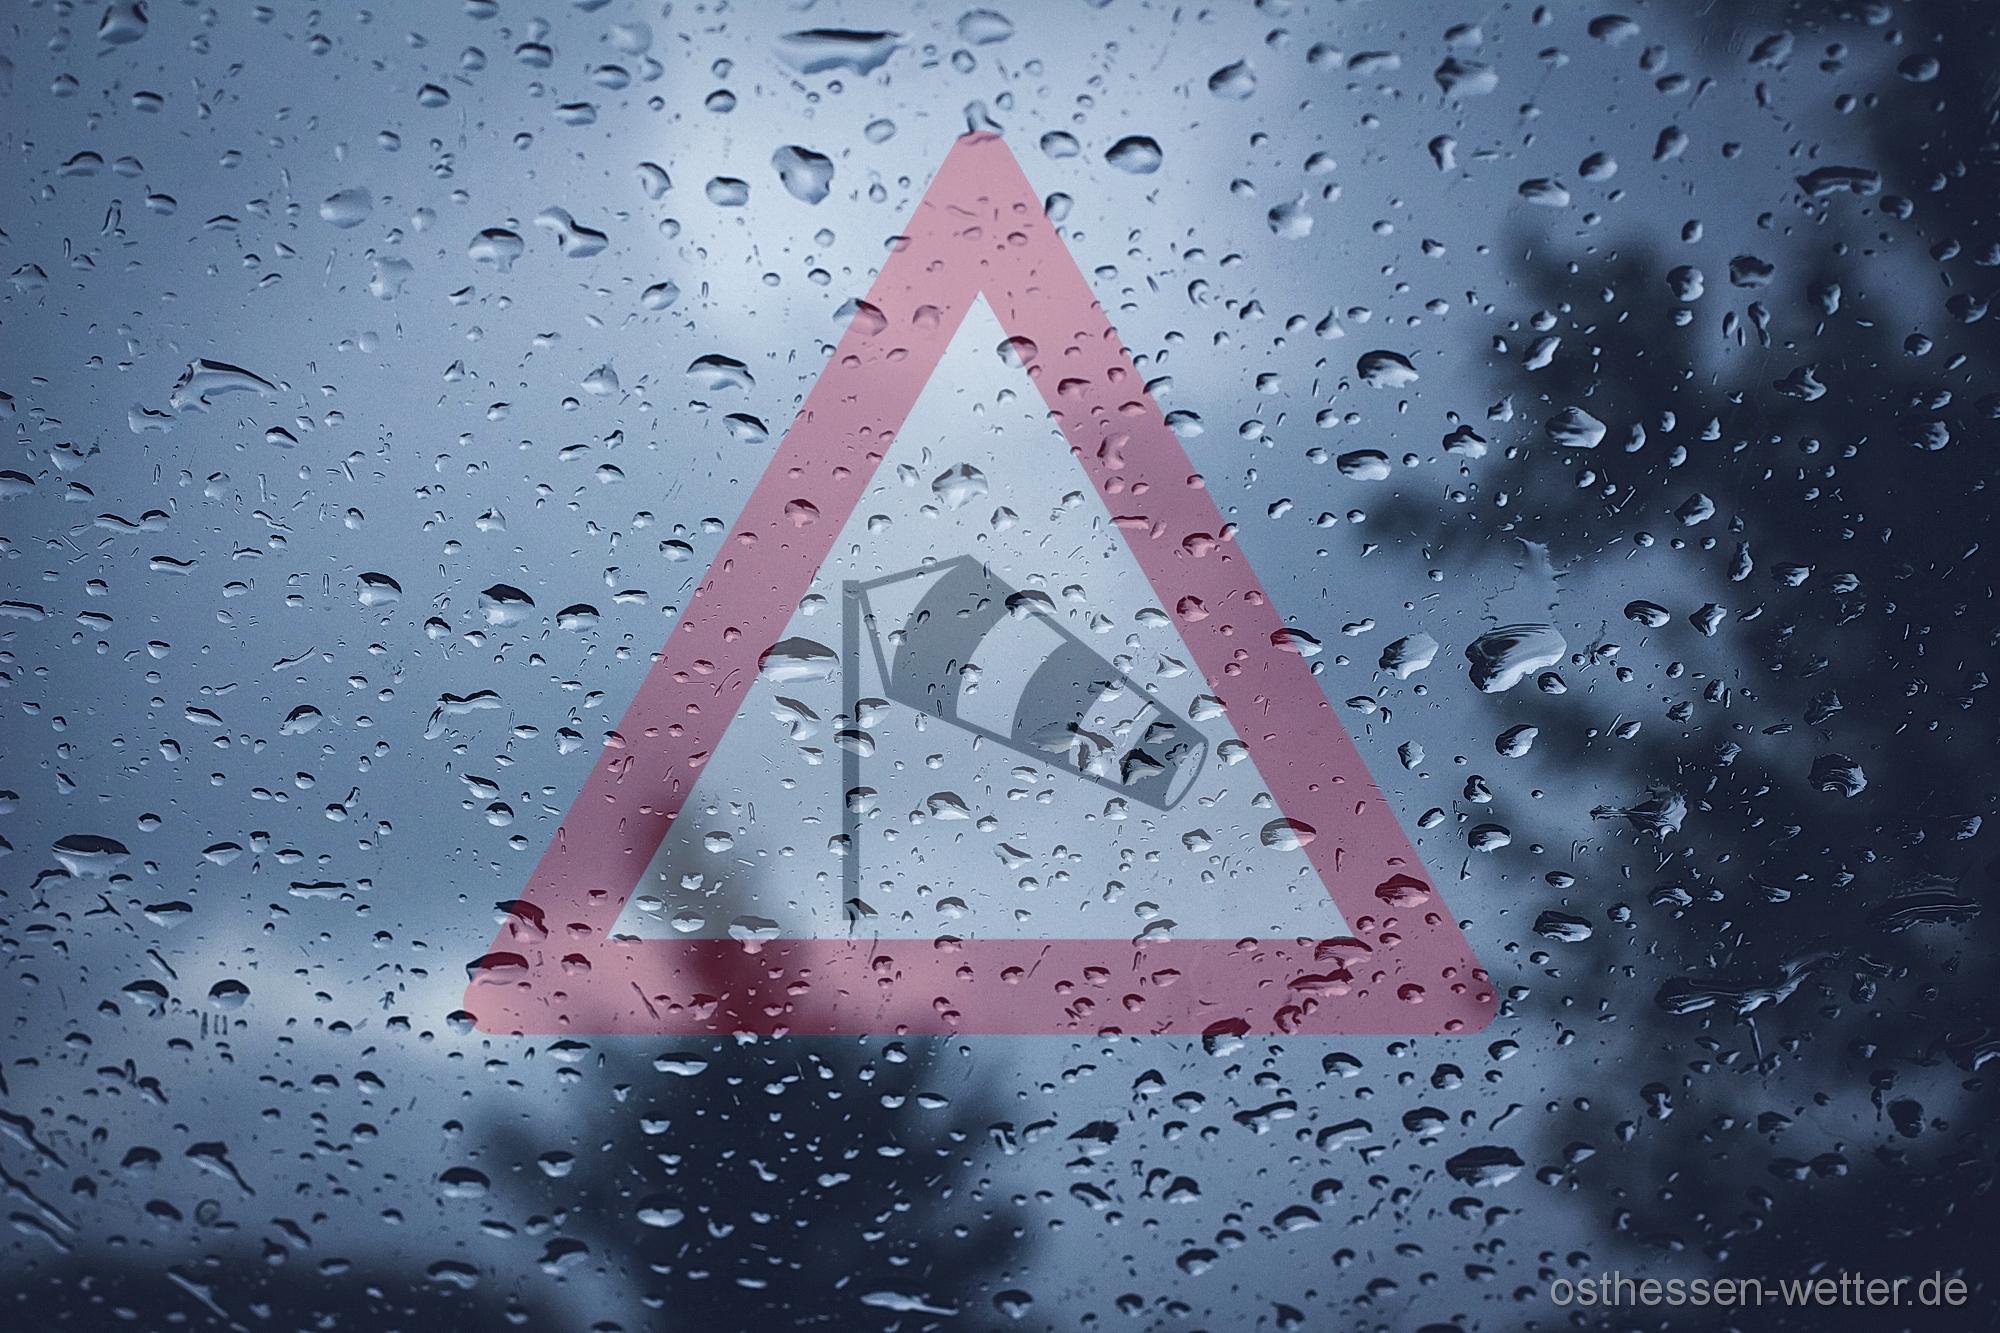 ow_wind_warnung_002